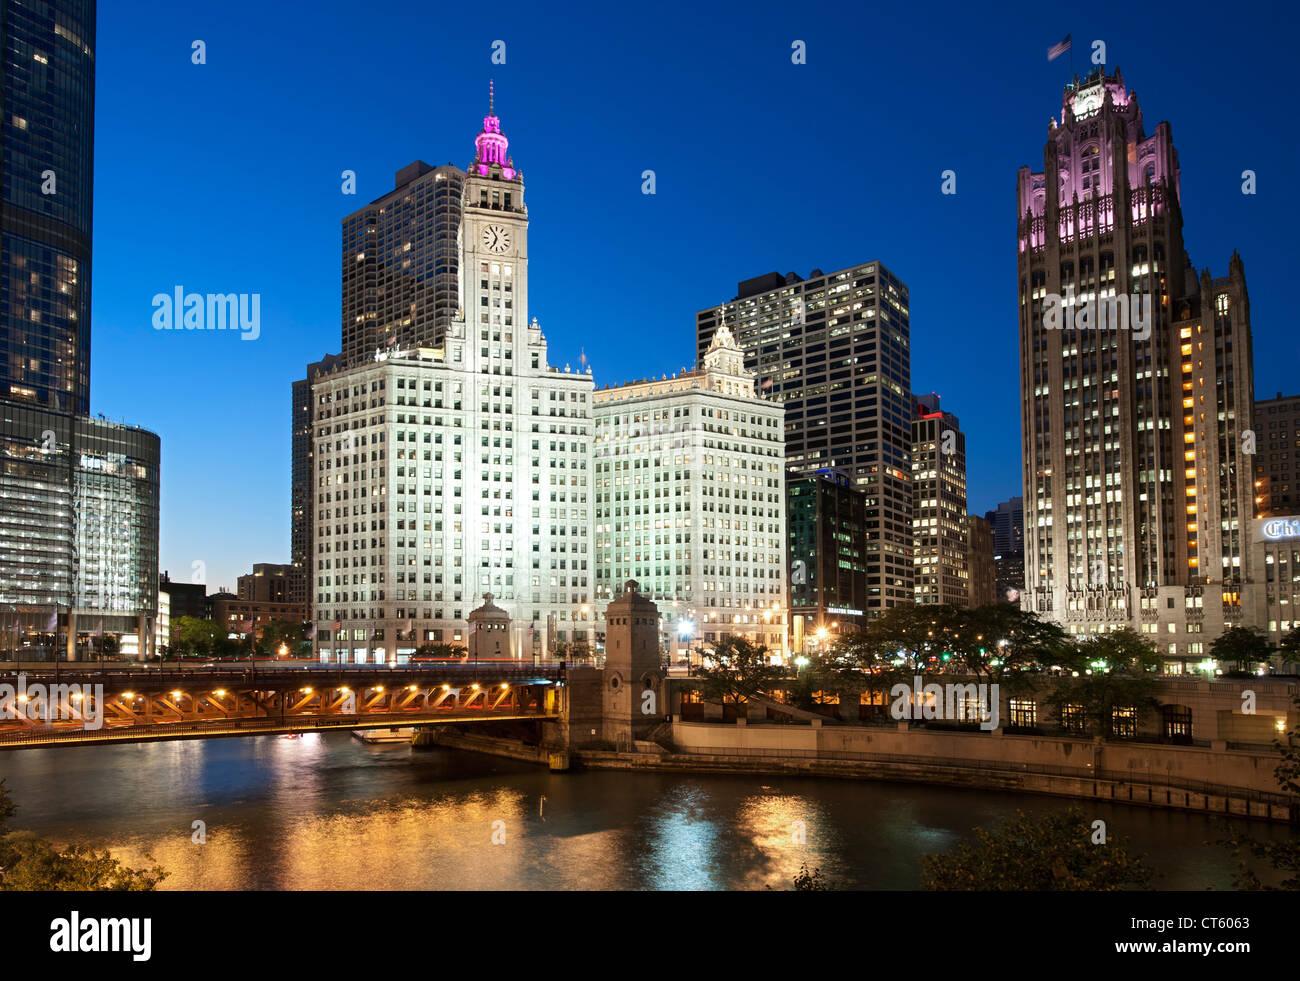 Visione notturna del Michigan Avenue Bridge (ufficialmente DuSable ponte) e il Wrigley Building e Tribune Tower Immagini Stock